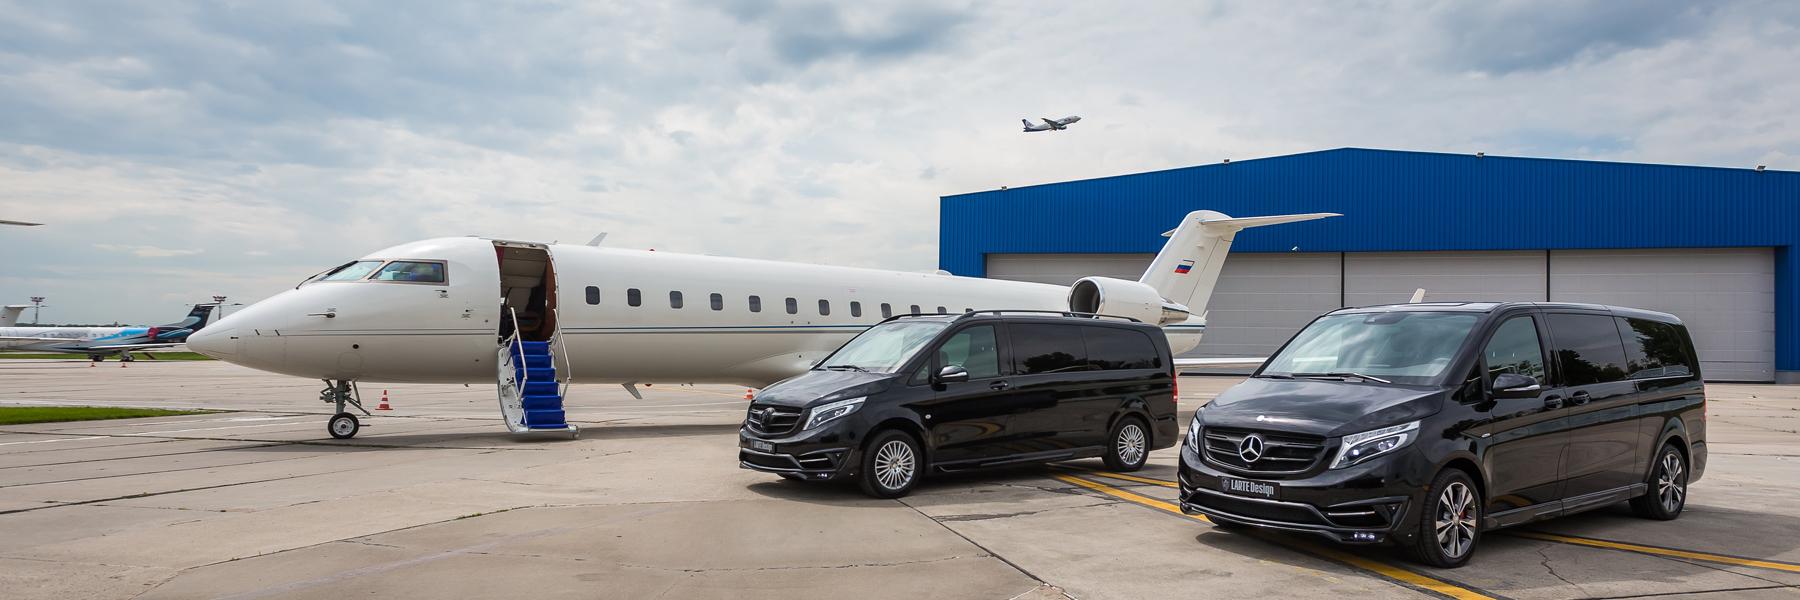 Executive Shuttles